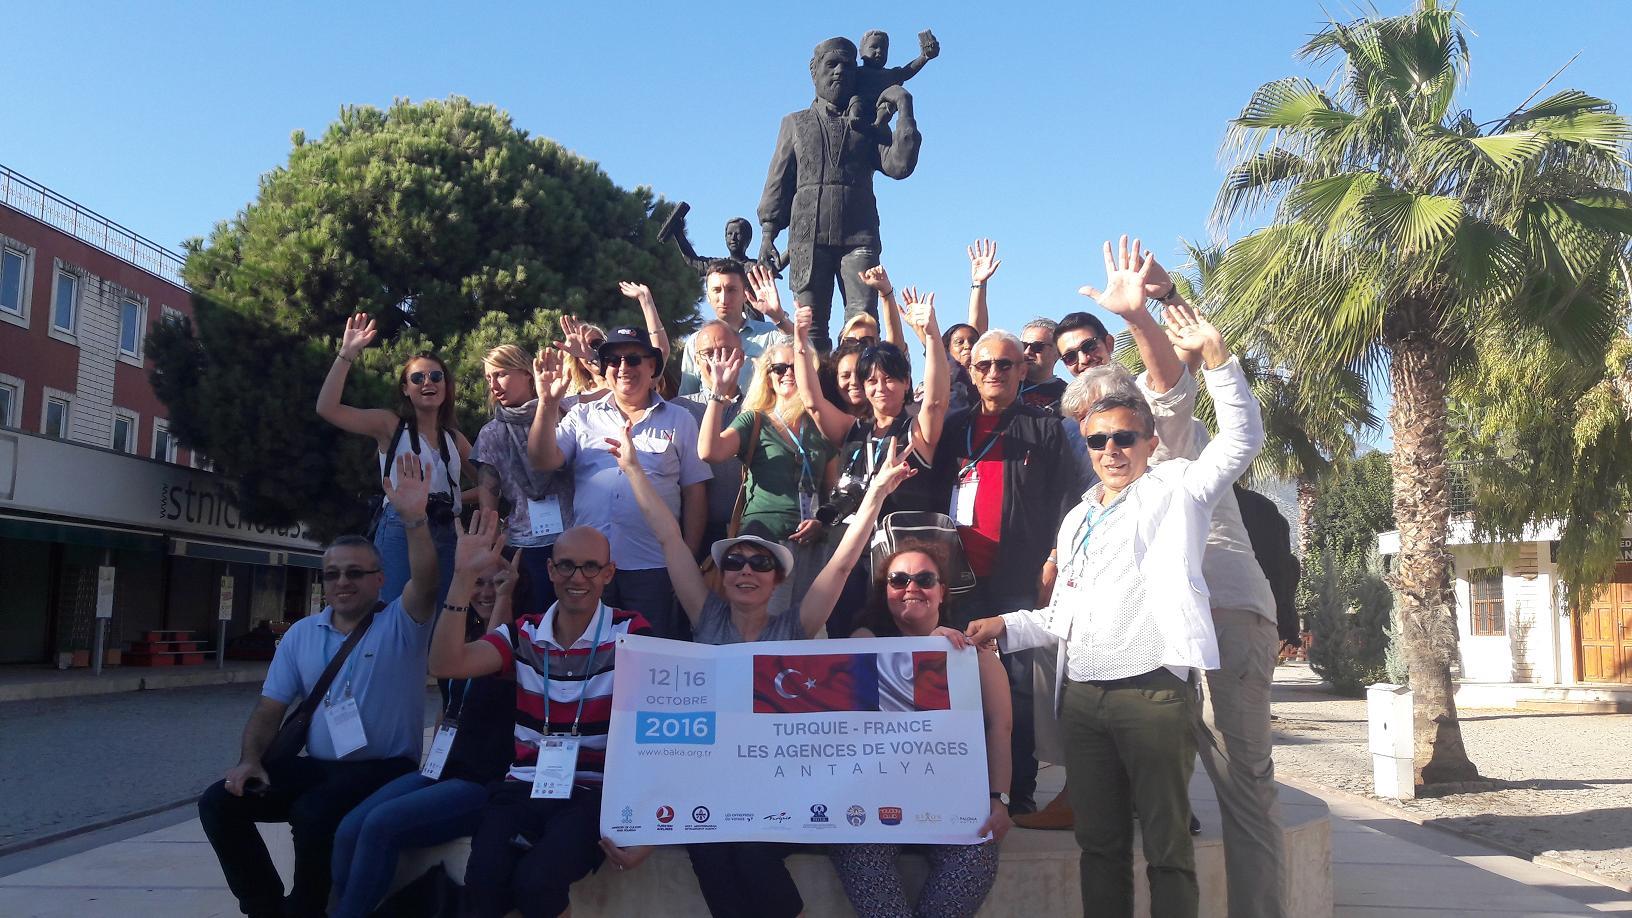 Notre groupe devant la statue de Saint Nicolas qui offre des cadeaux aux enfants. Et si le vrai Père Noël c'était lui ? Photo MS.